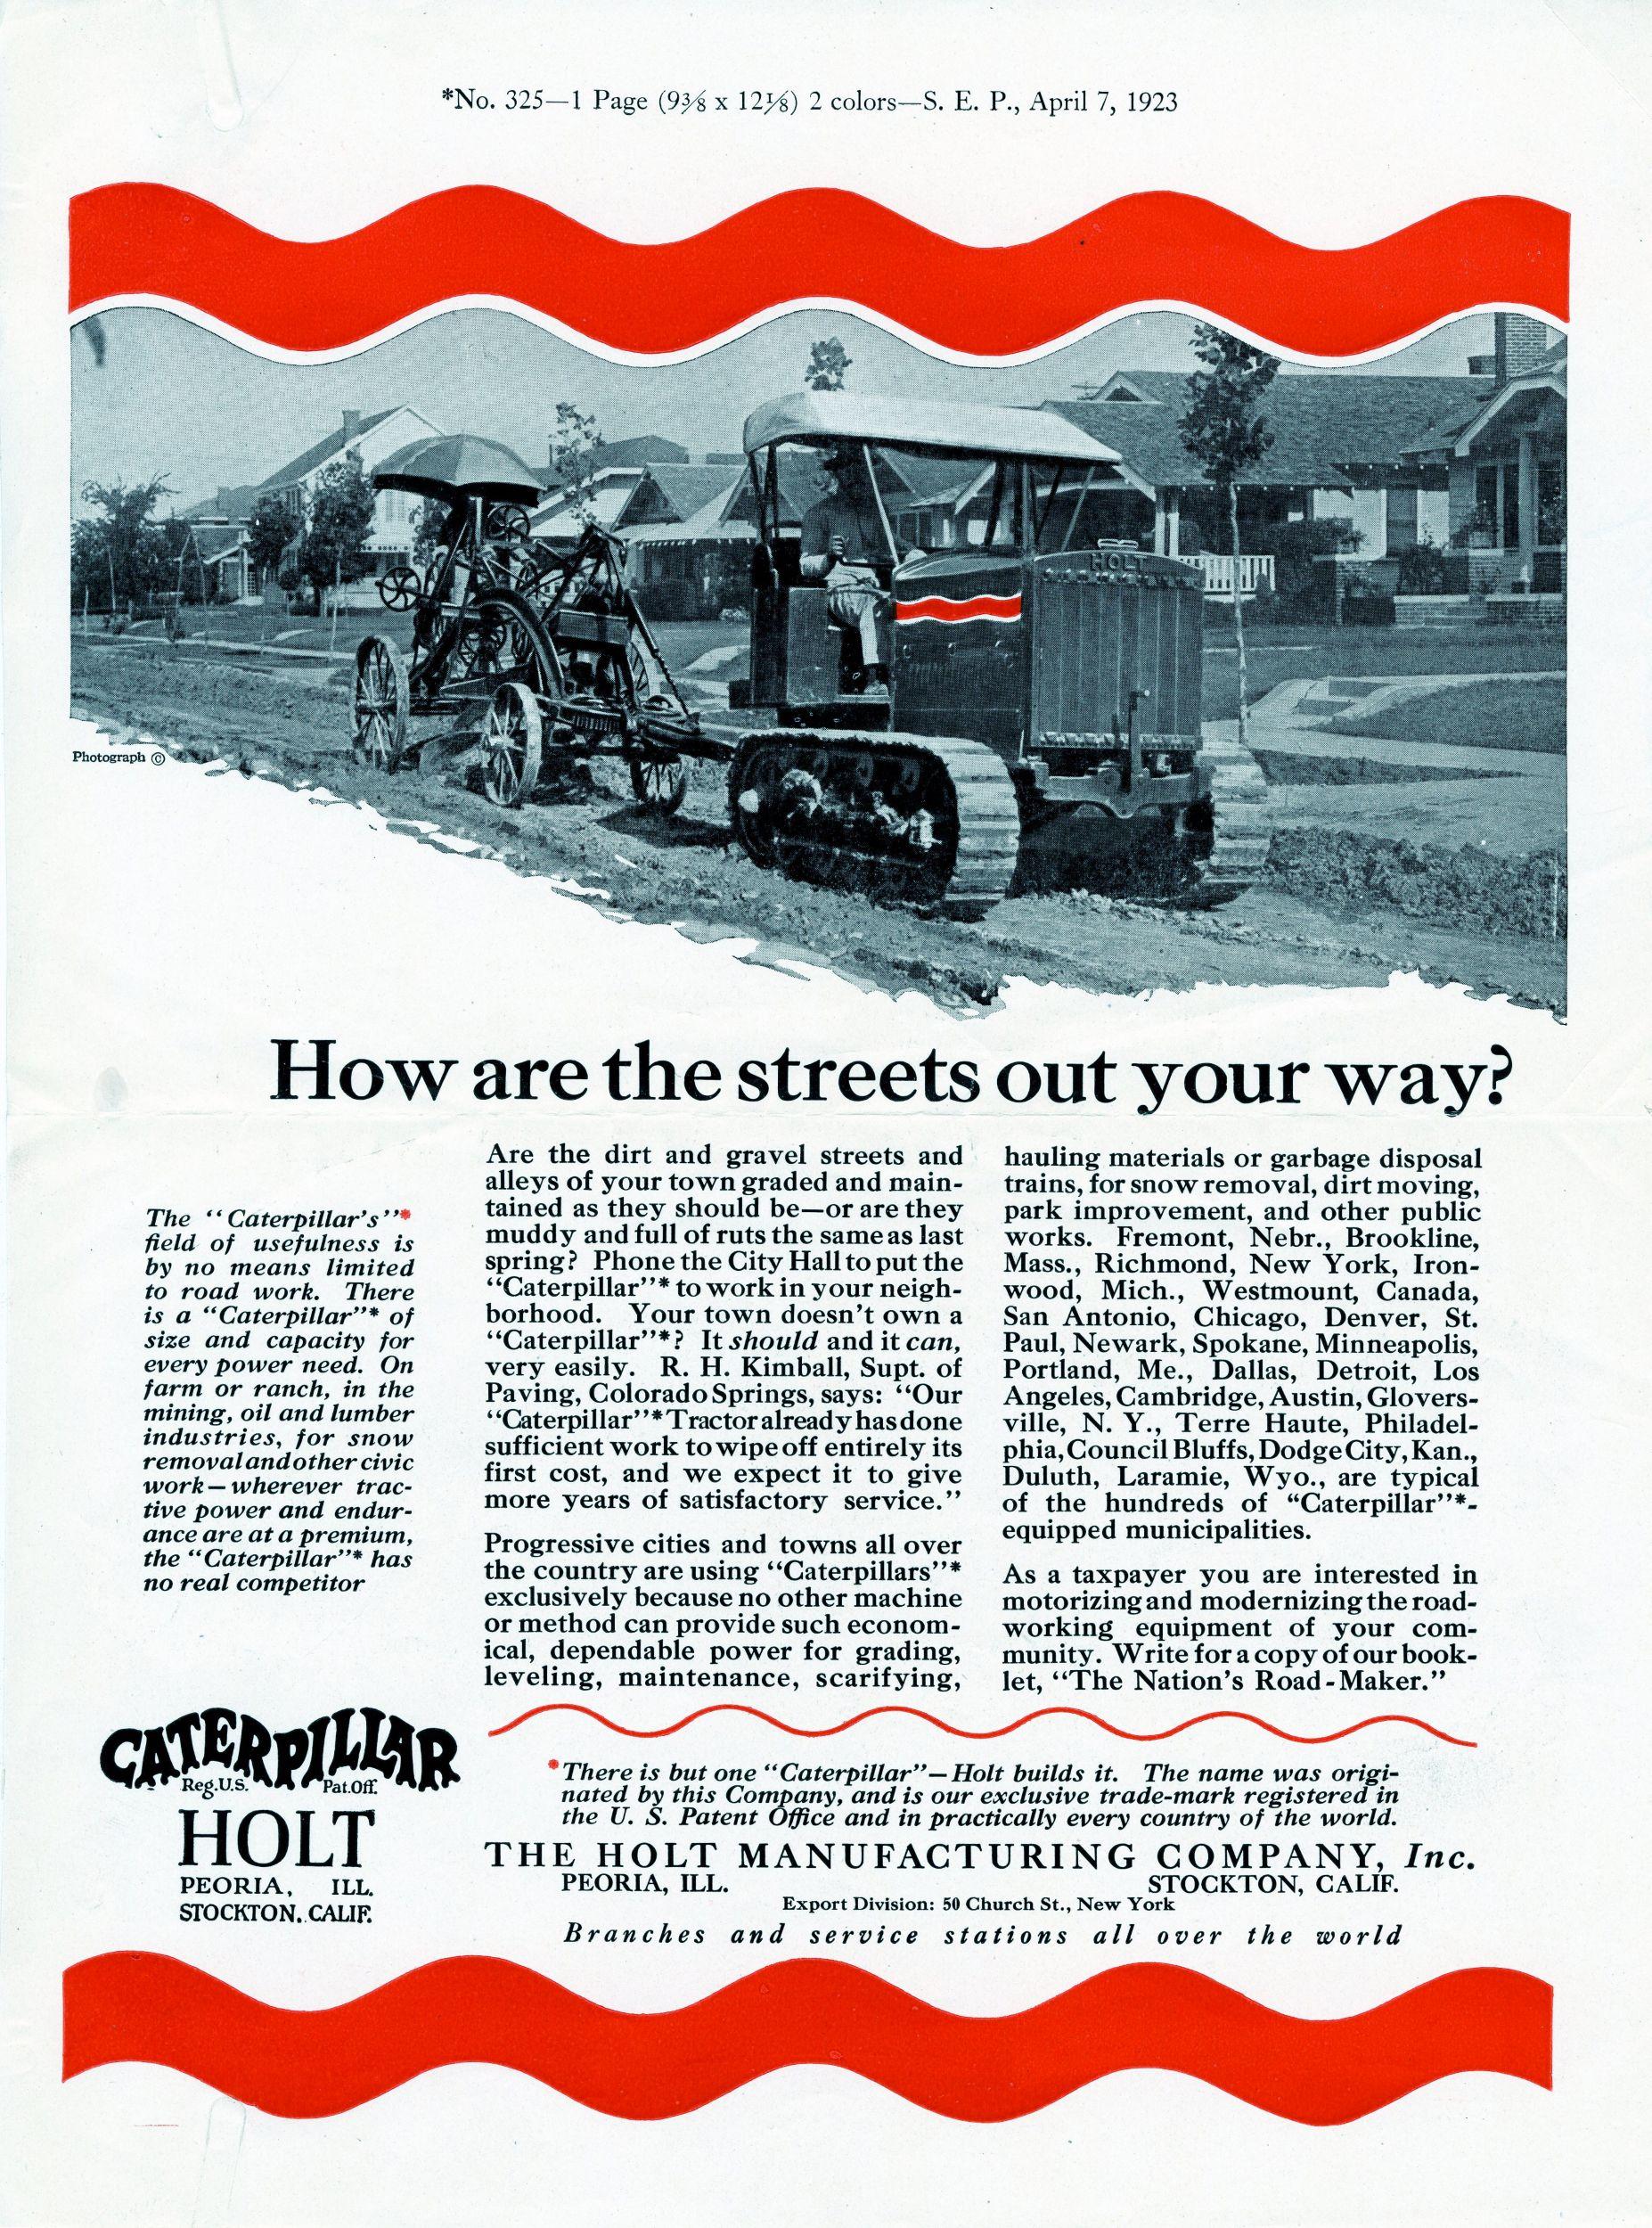 Holt Caterpillar advertisement, 1923